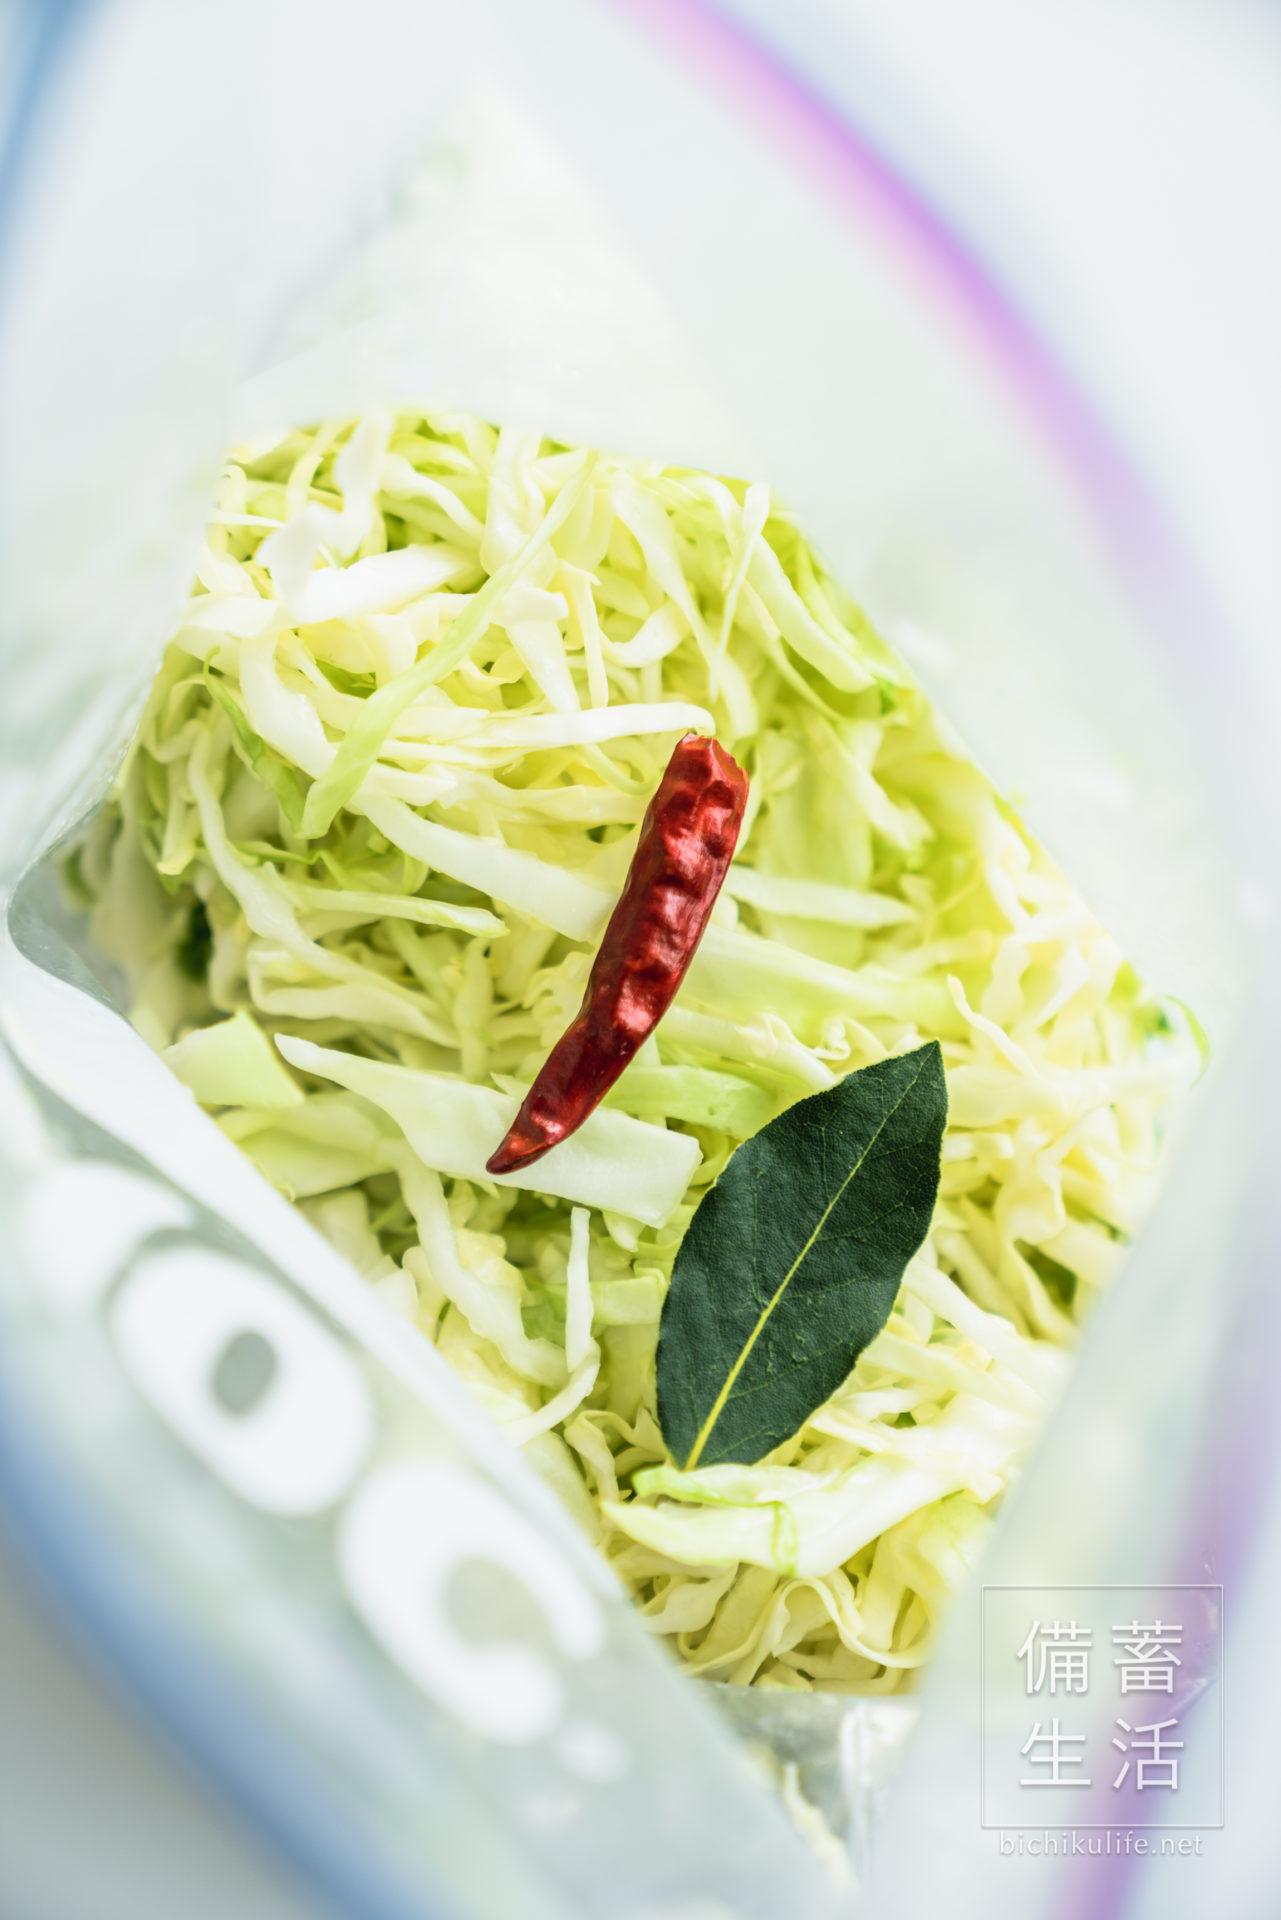 ザワークラウト作りのレシピ(発酵保存食)、ローリエと赤唐辛子を加える